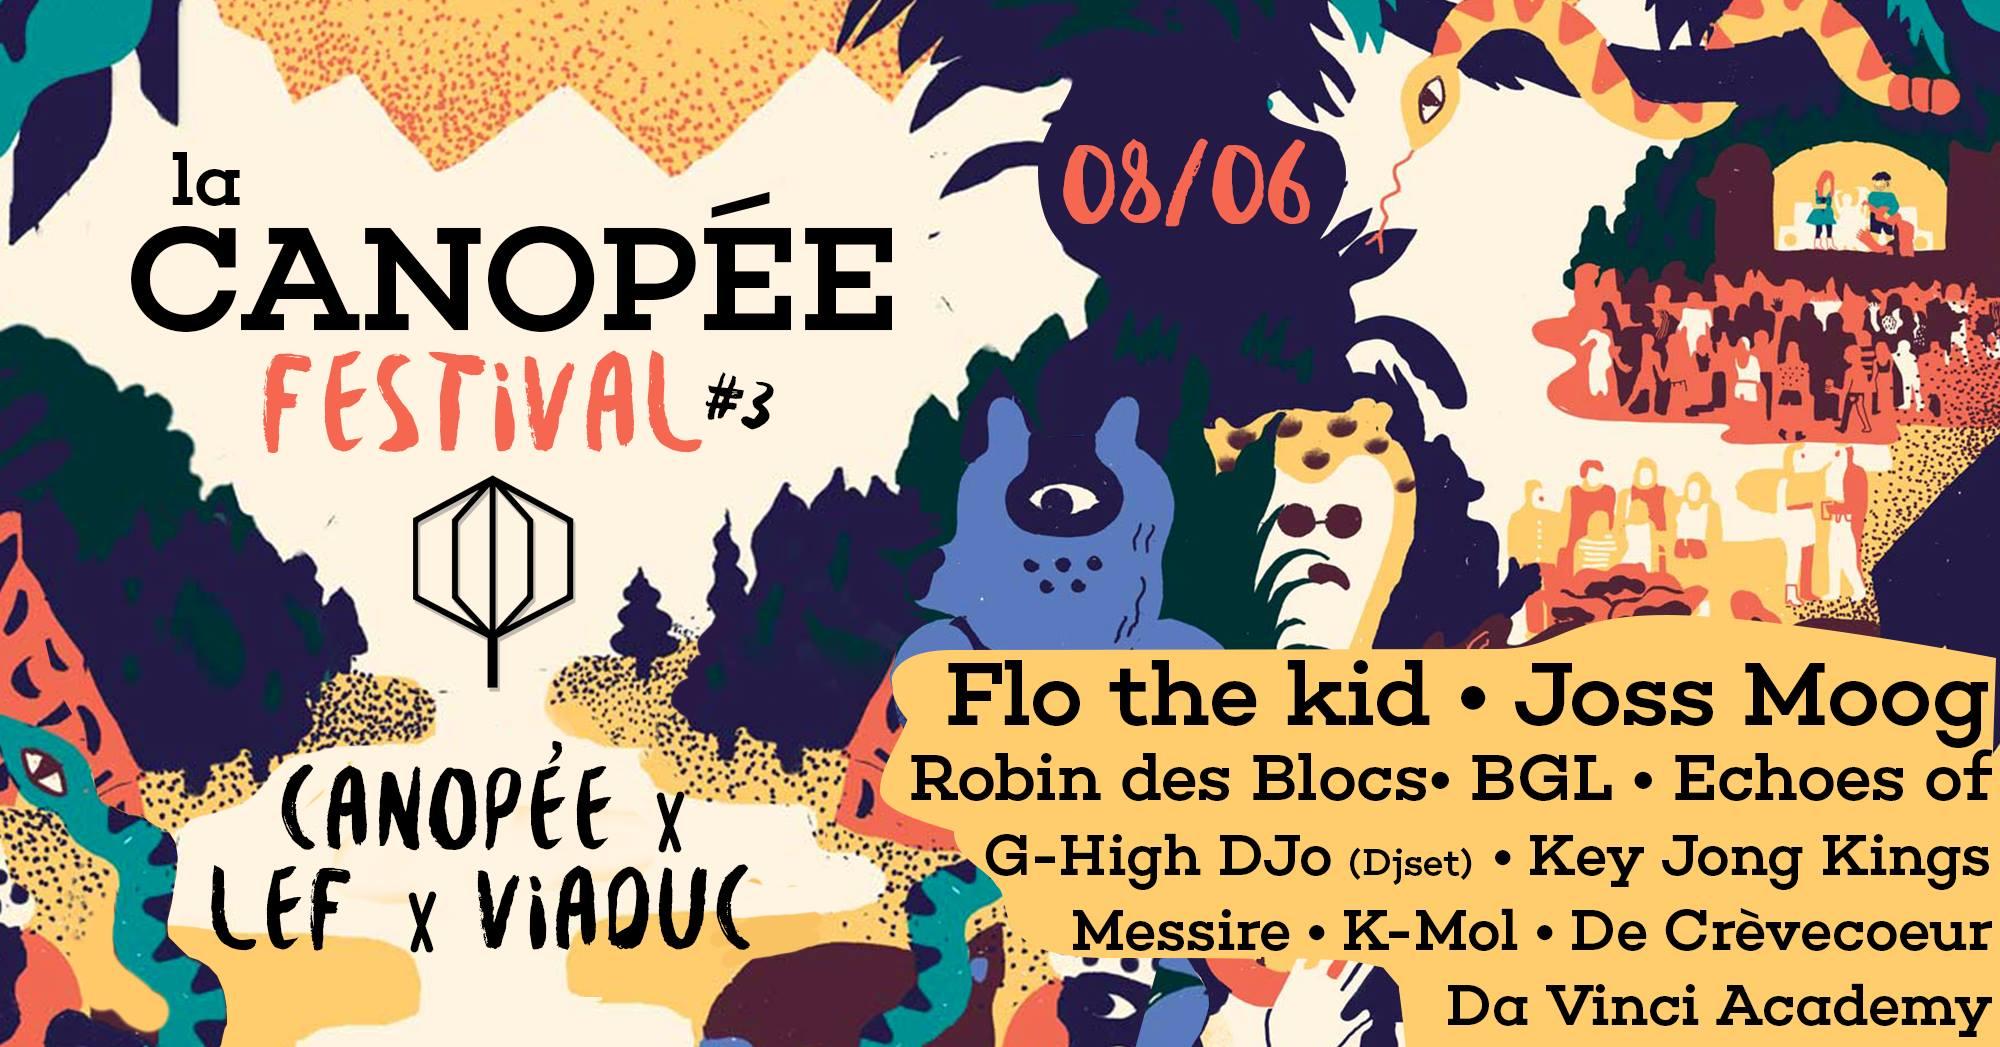 La Canopée Festival c'est ce Week End !